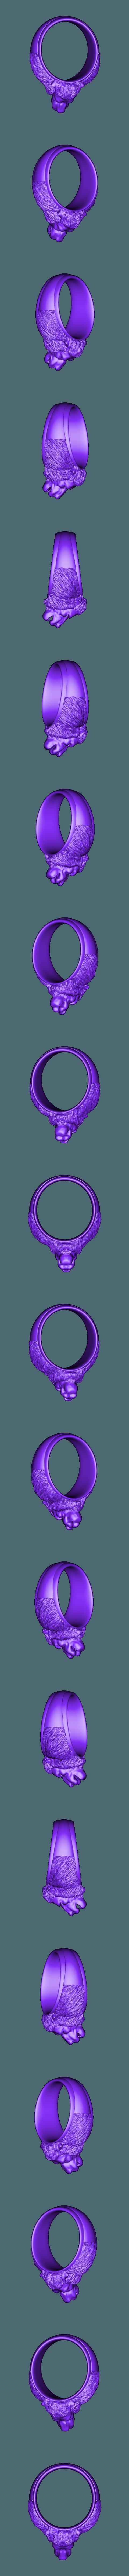 73.stl Télécharger fichier STL gratuit Anneau de lion • Modèle à imprimer en 3D, 3DPrinterFiles